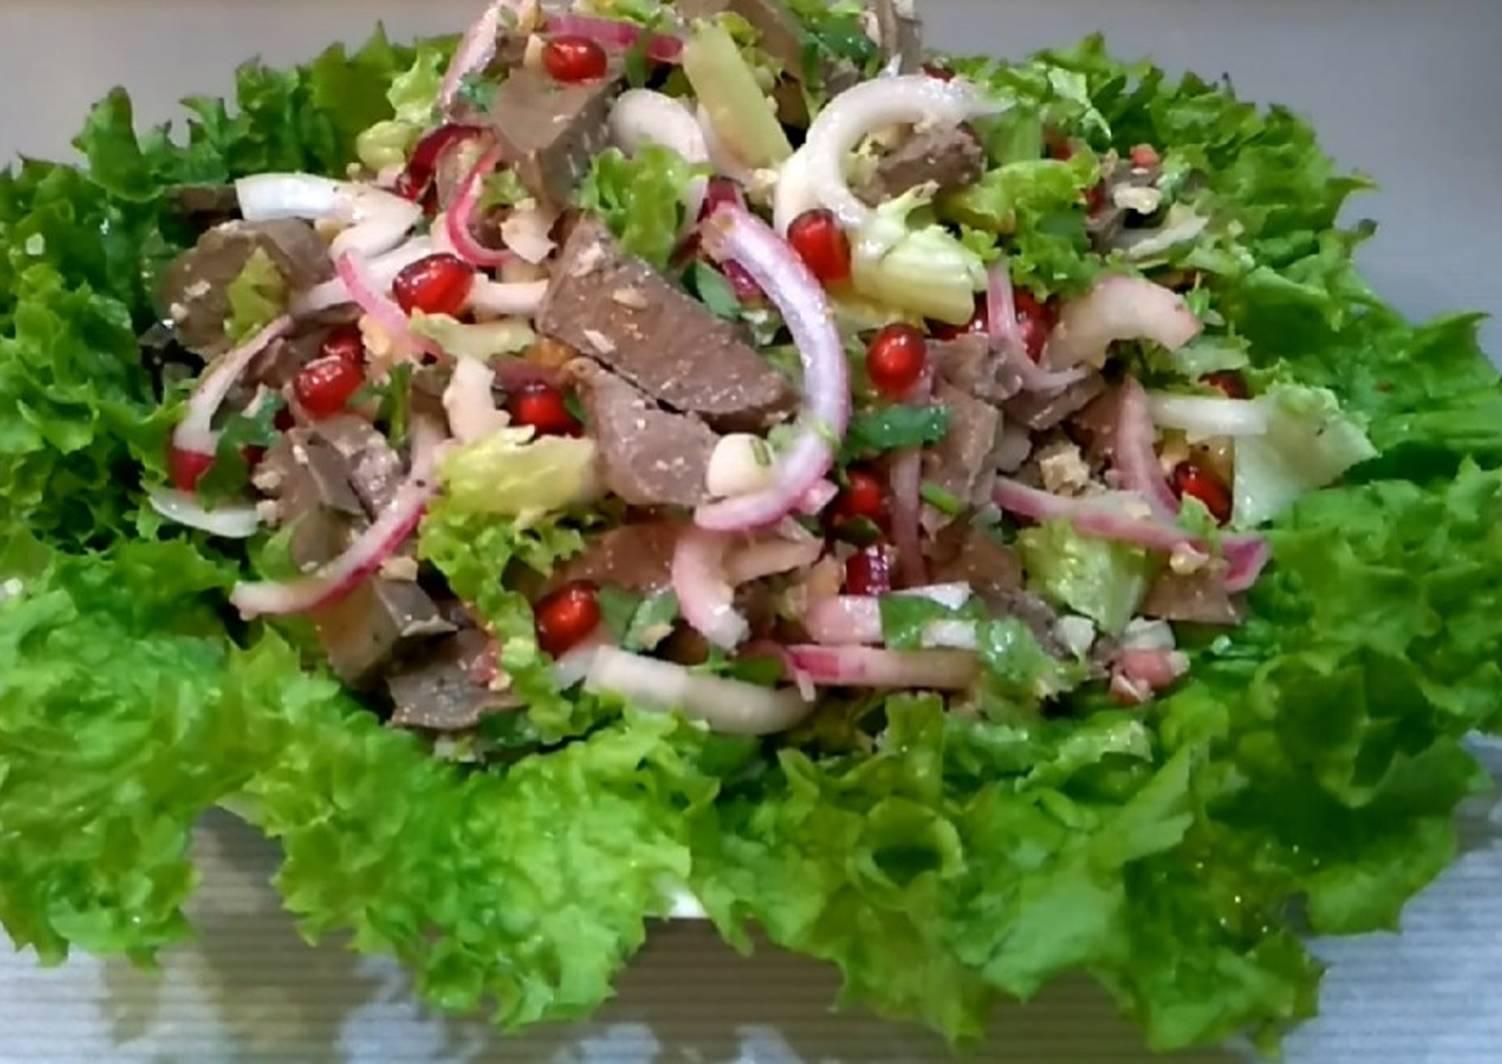 салаты из говяжьего сердца рецепты с картинками рядовка, подтопольник